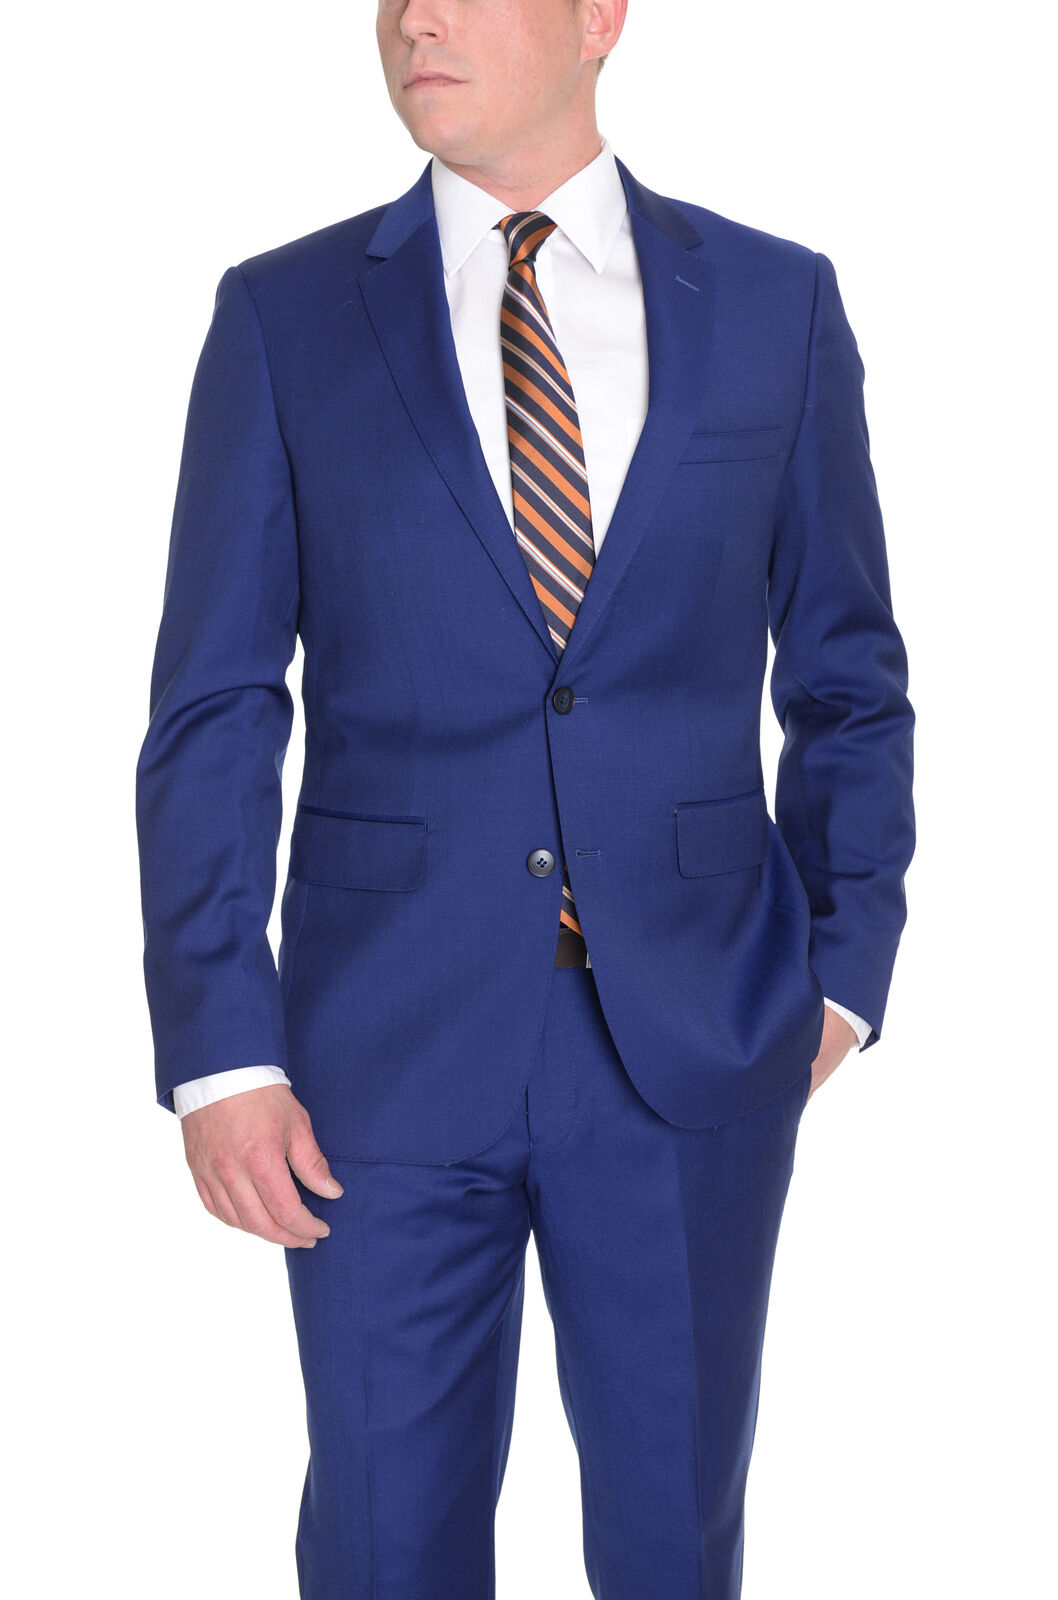 Private Label Schmal Fit Feststoff Königsblau Zwei Knöpfe Wolle Anzug mit